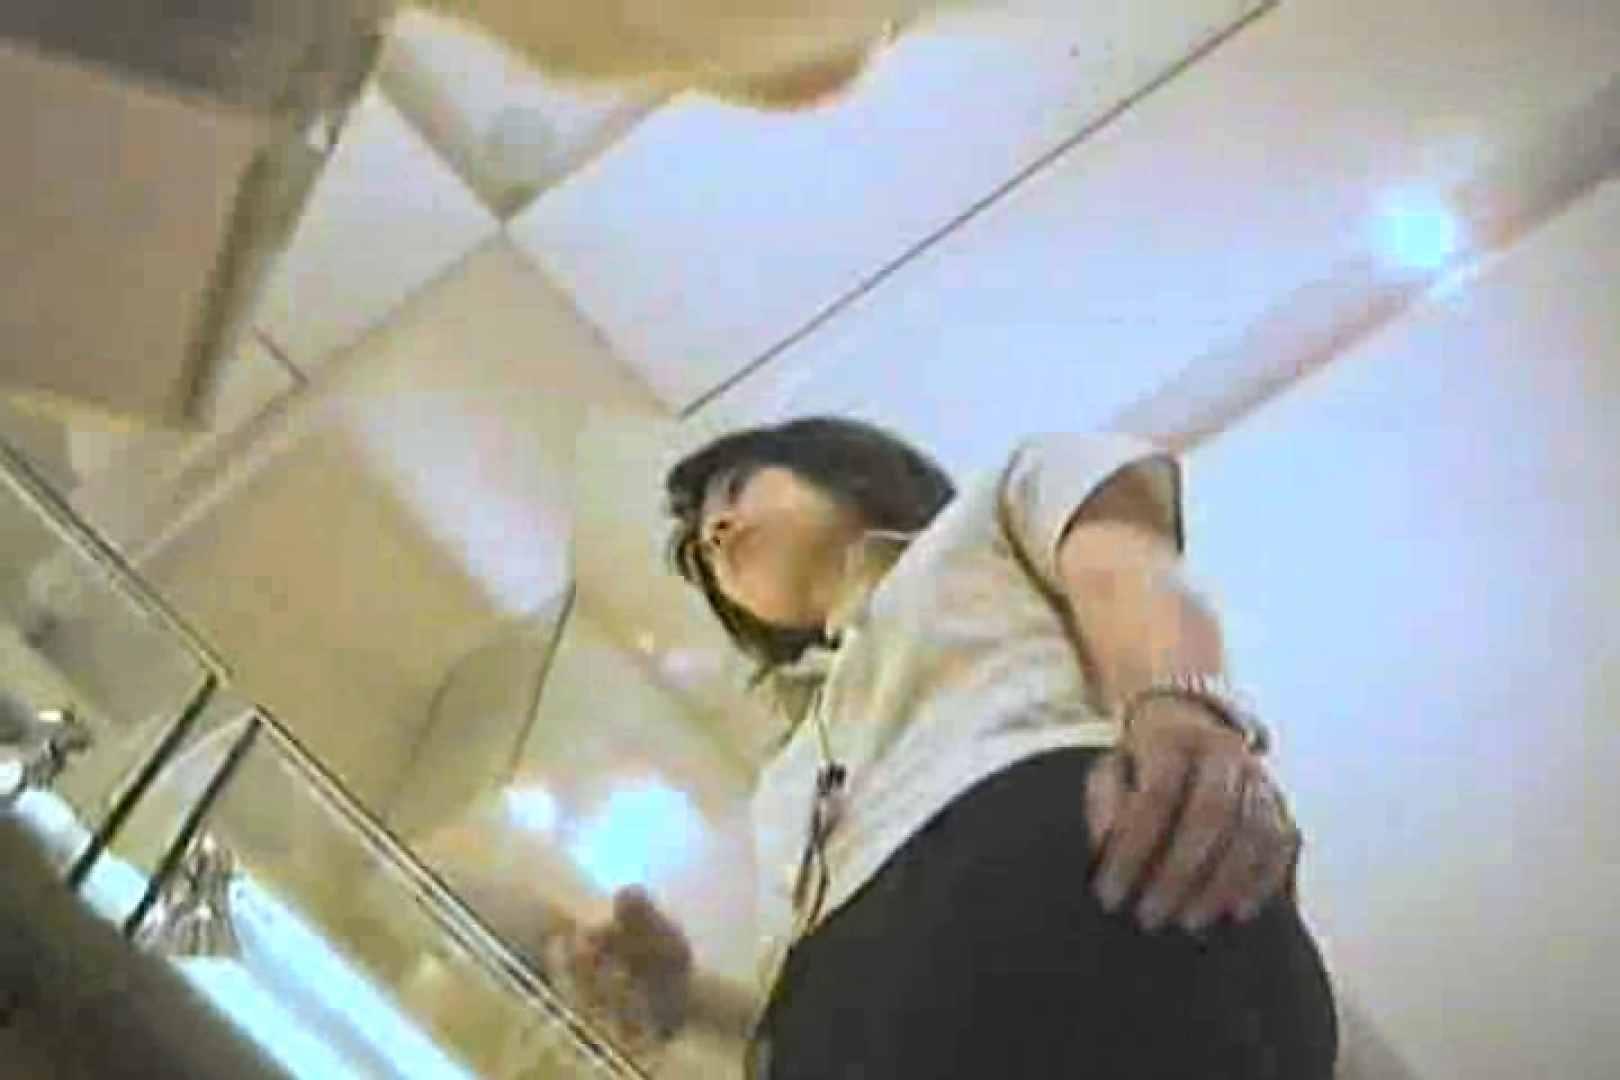 デパートローアングル徘徊 靴カメ盗撮Vol.3 お姉さんの女体 | 盗撮  65pic 22